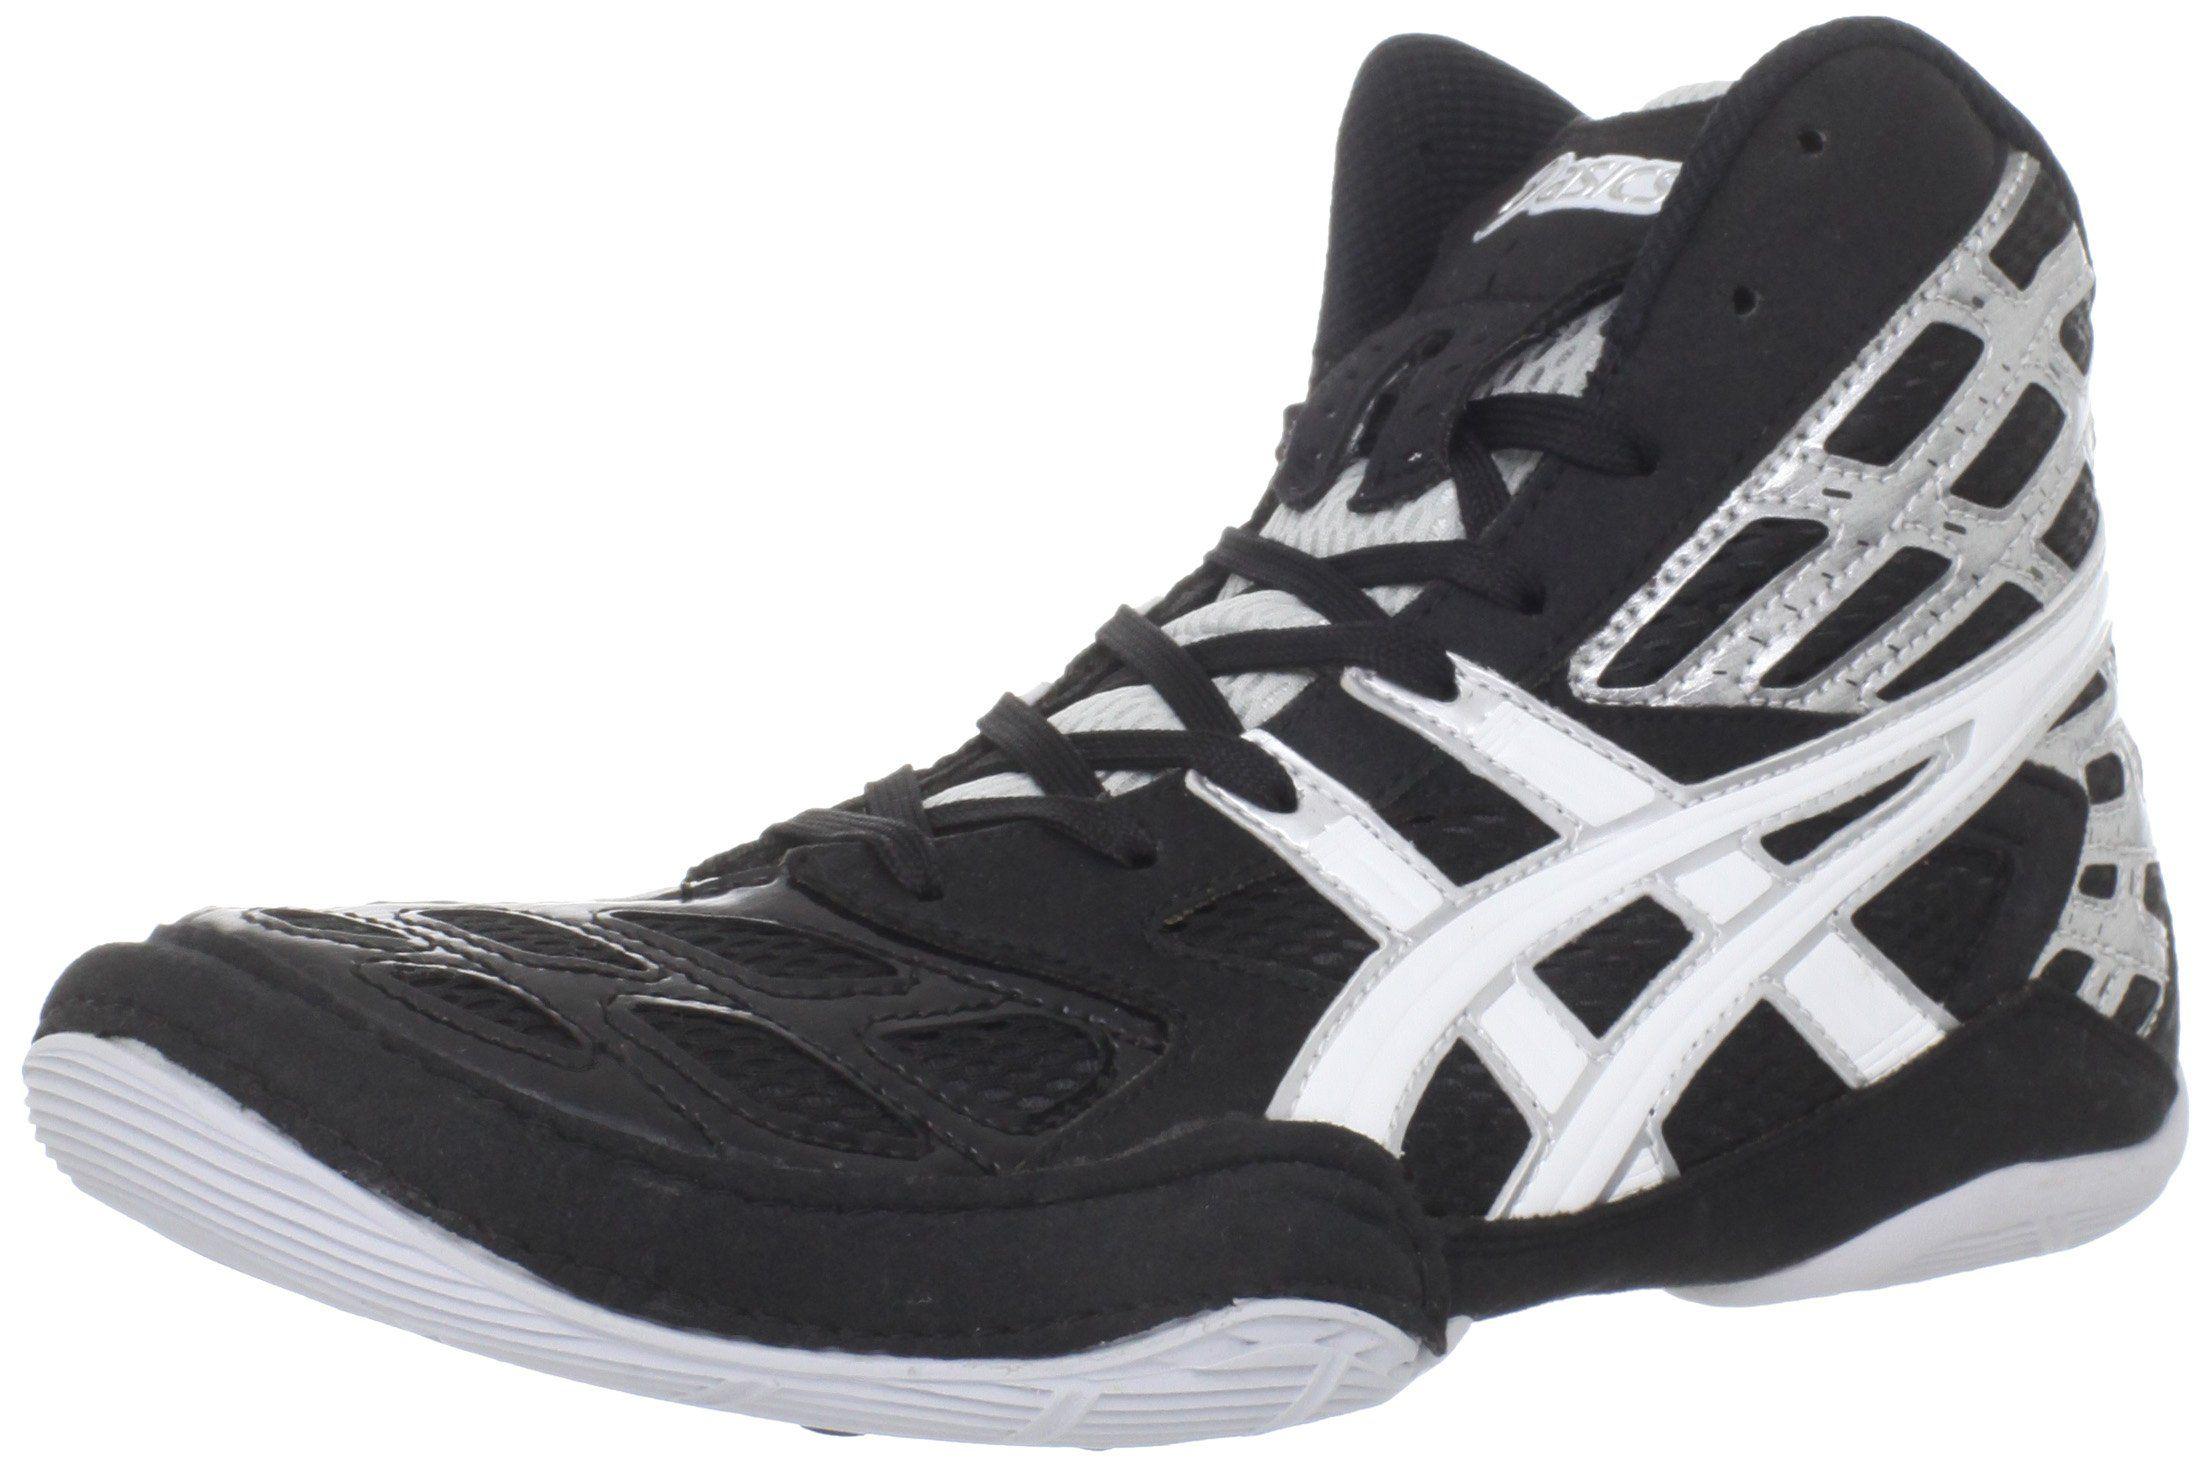 ASICS Men's Split Second 9 Wrestling Shoe,Black/White/Silver,5 M